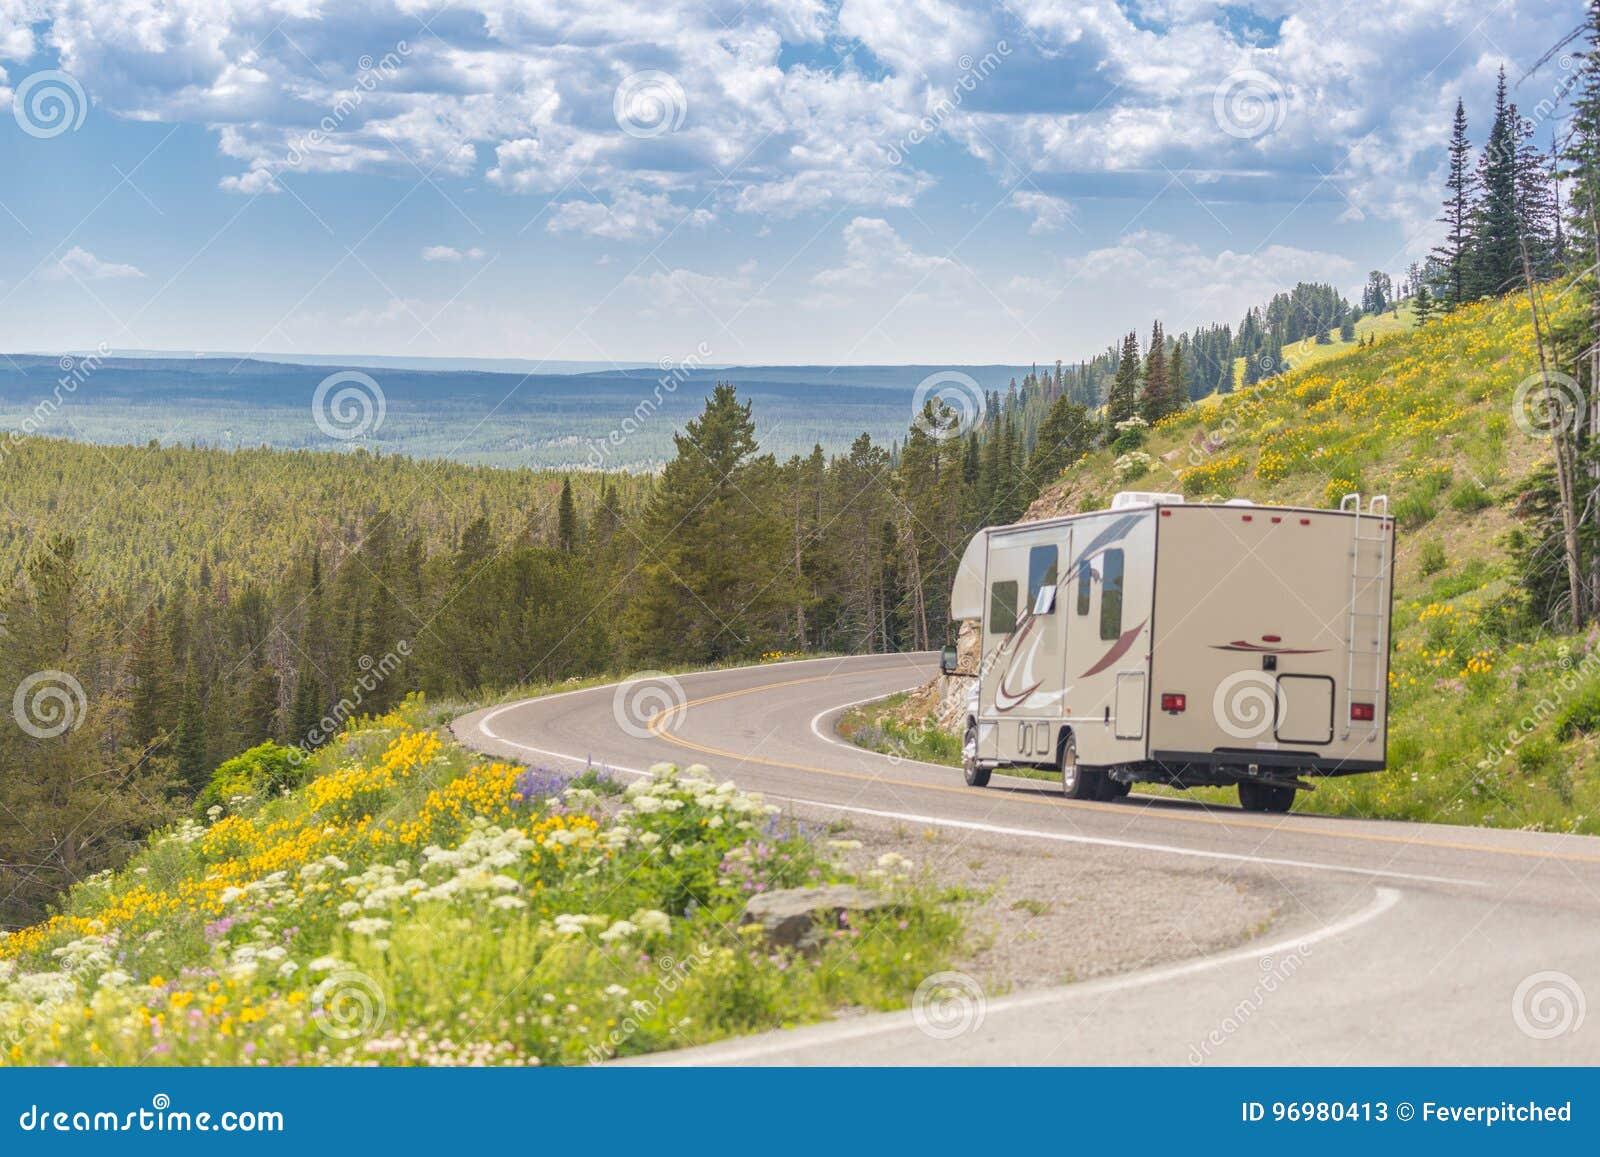 Campeur entraînant une réduction la route dans la belle campagne parmi le pin